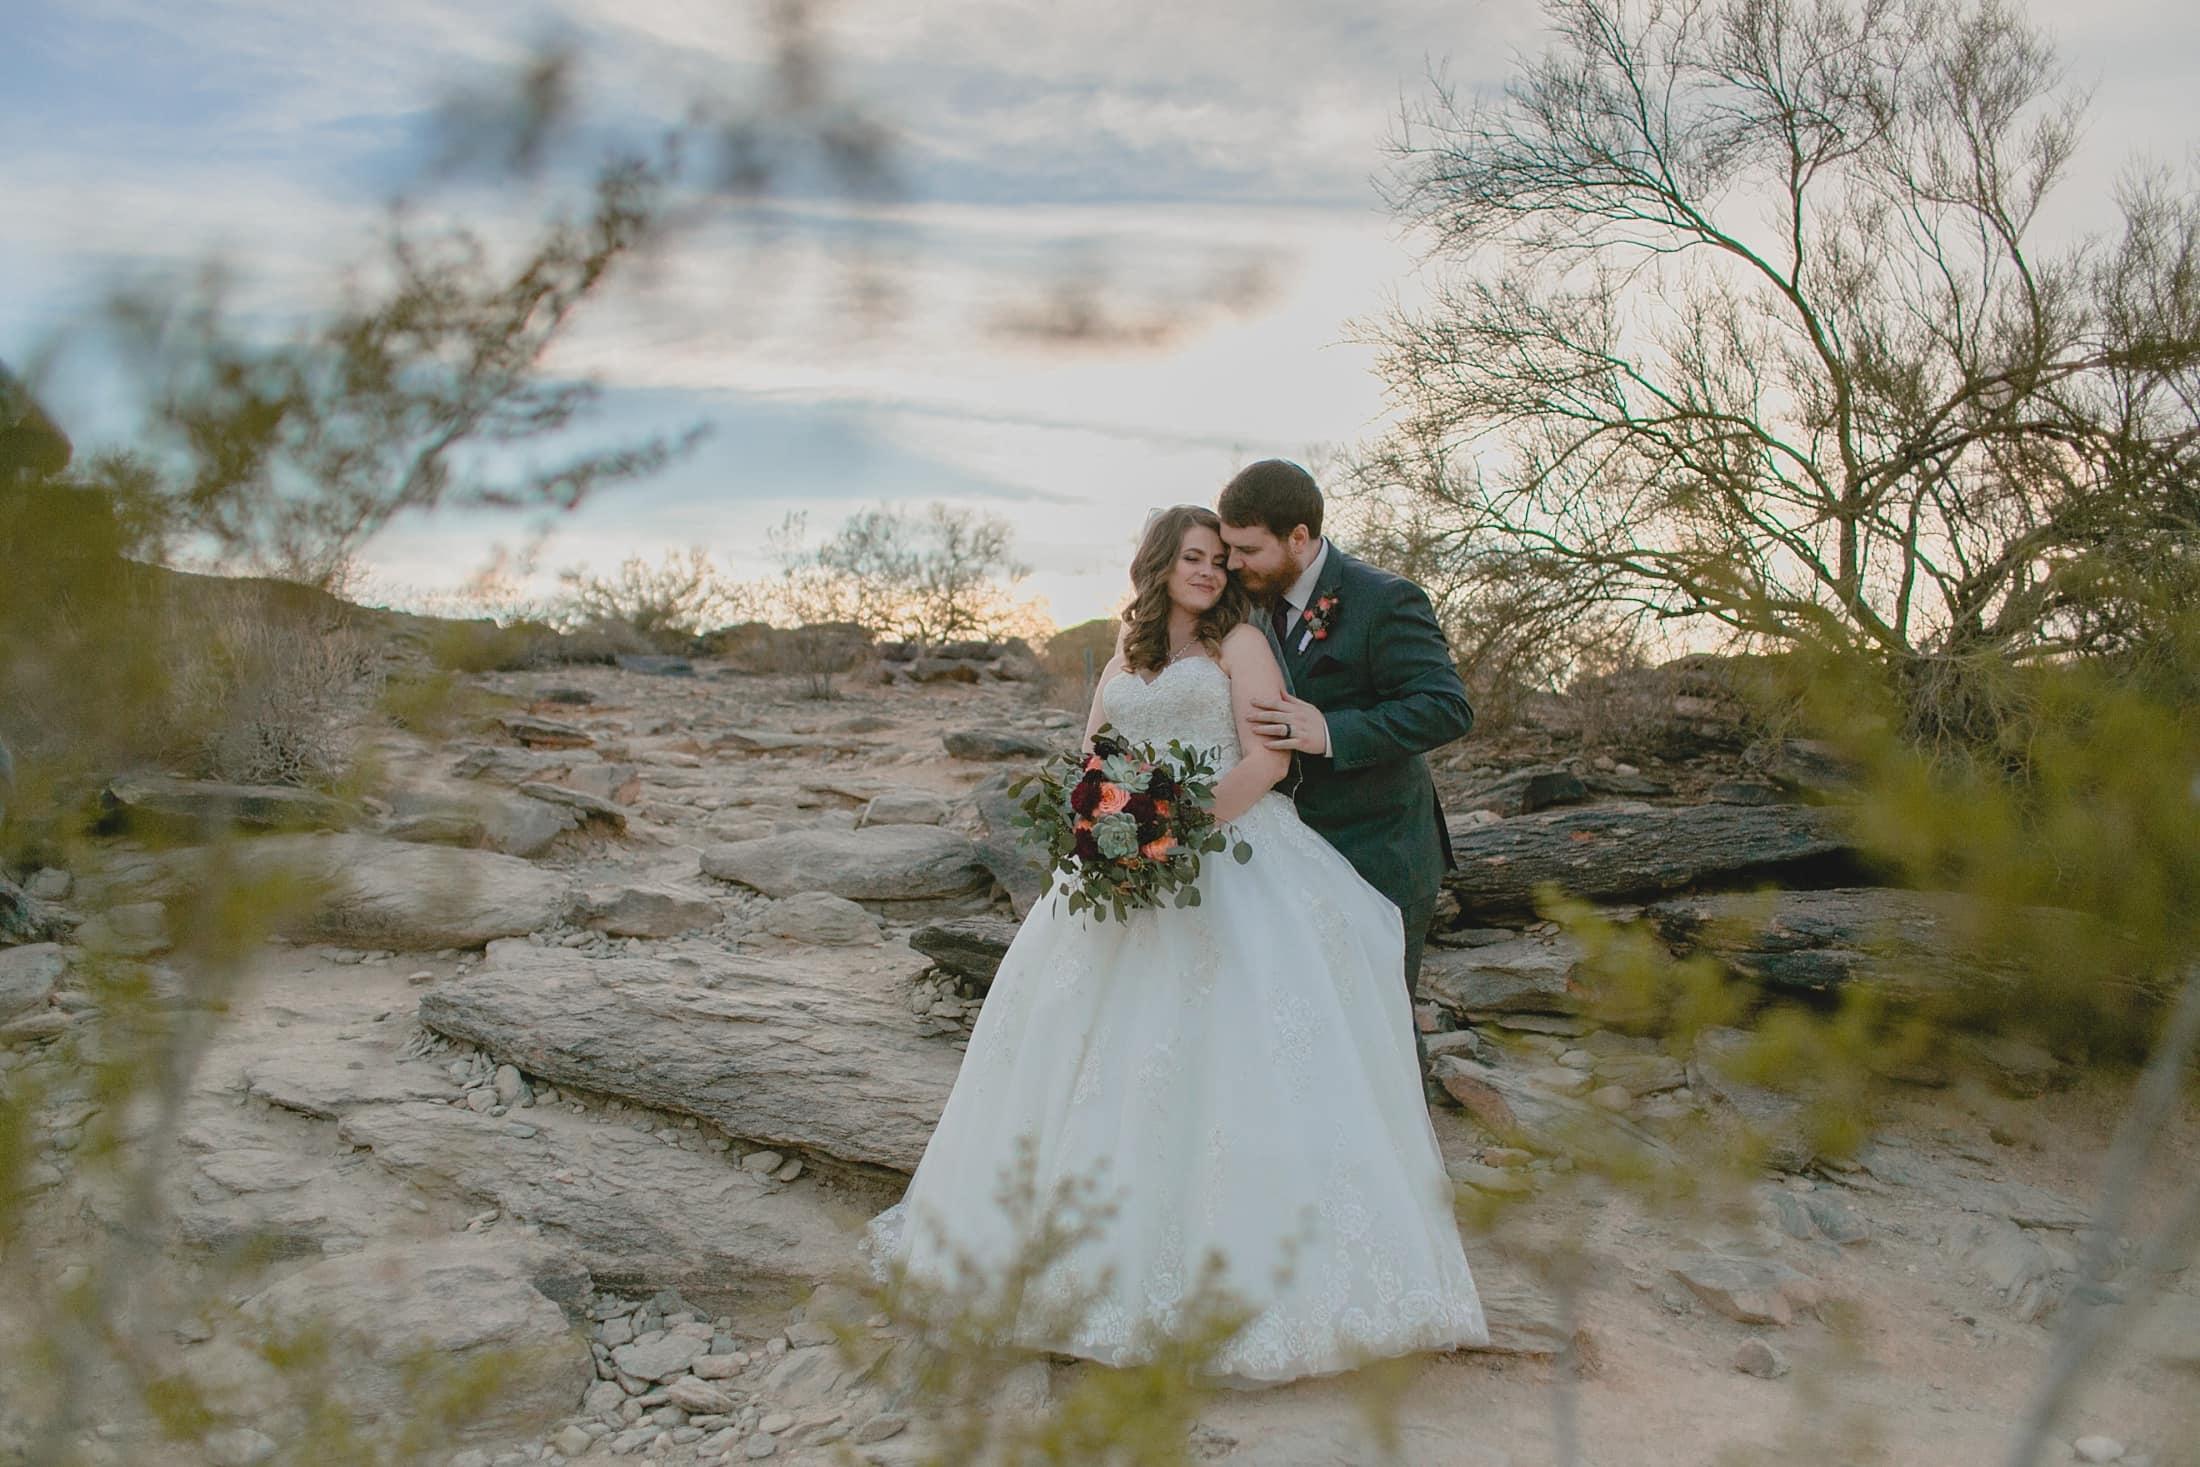 South Mountain wedding photos